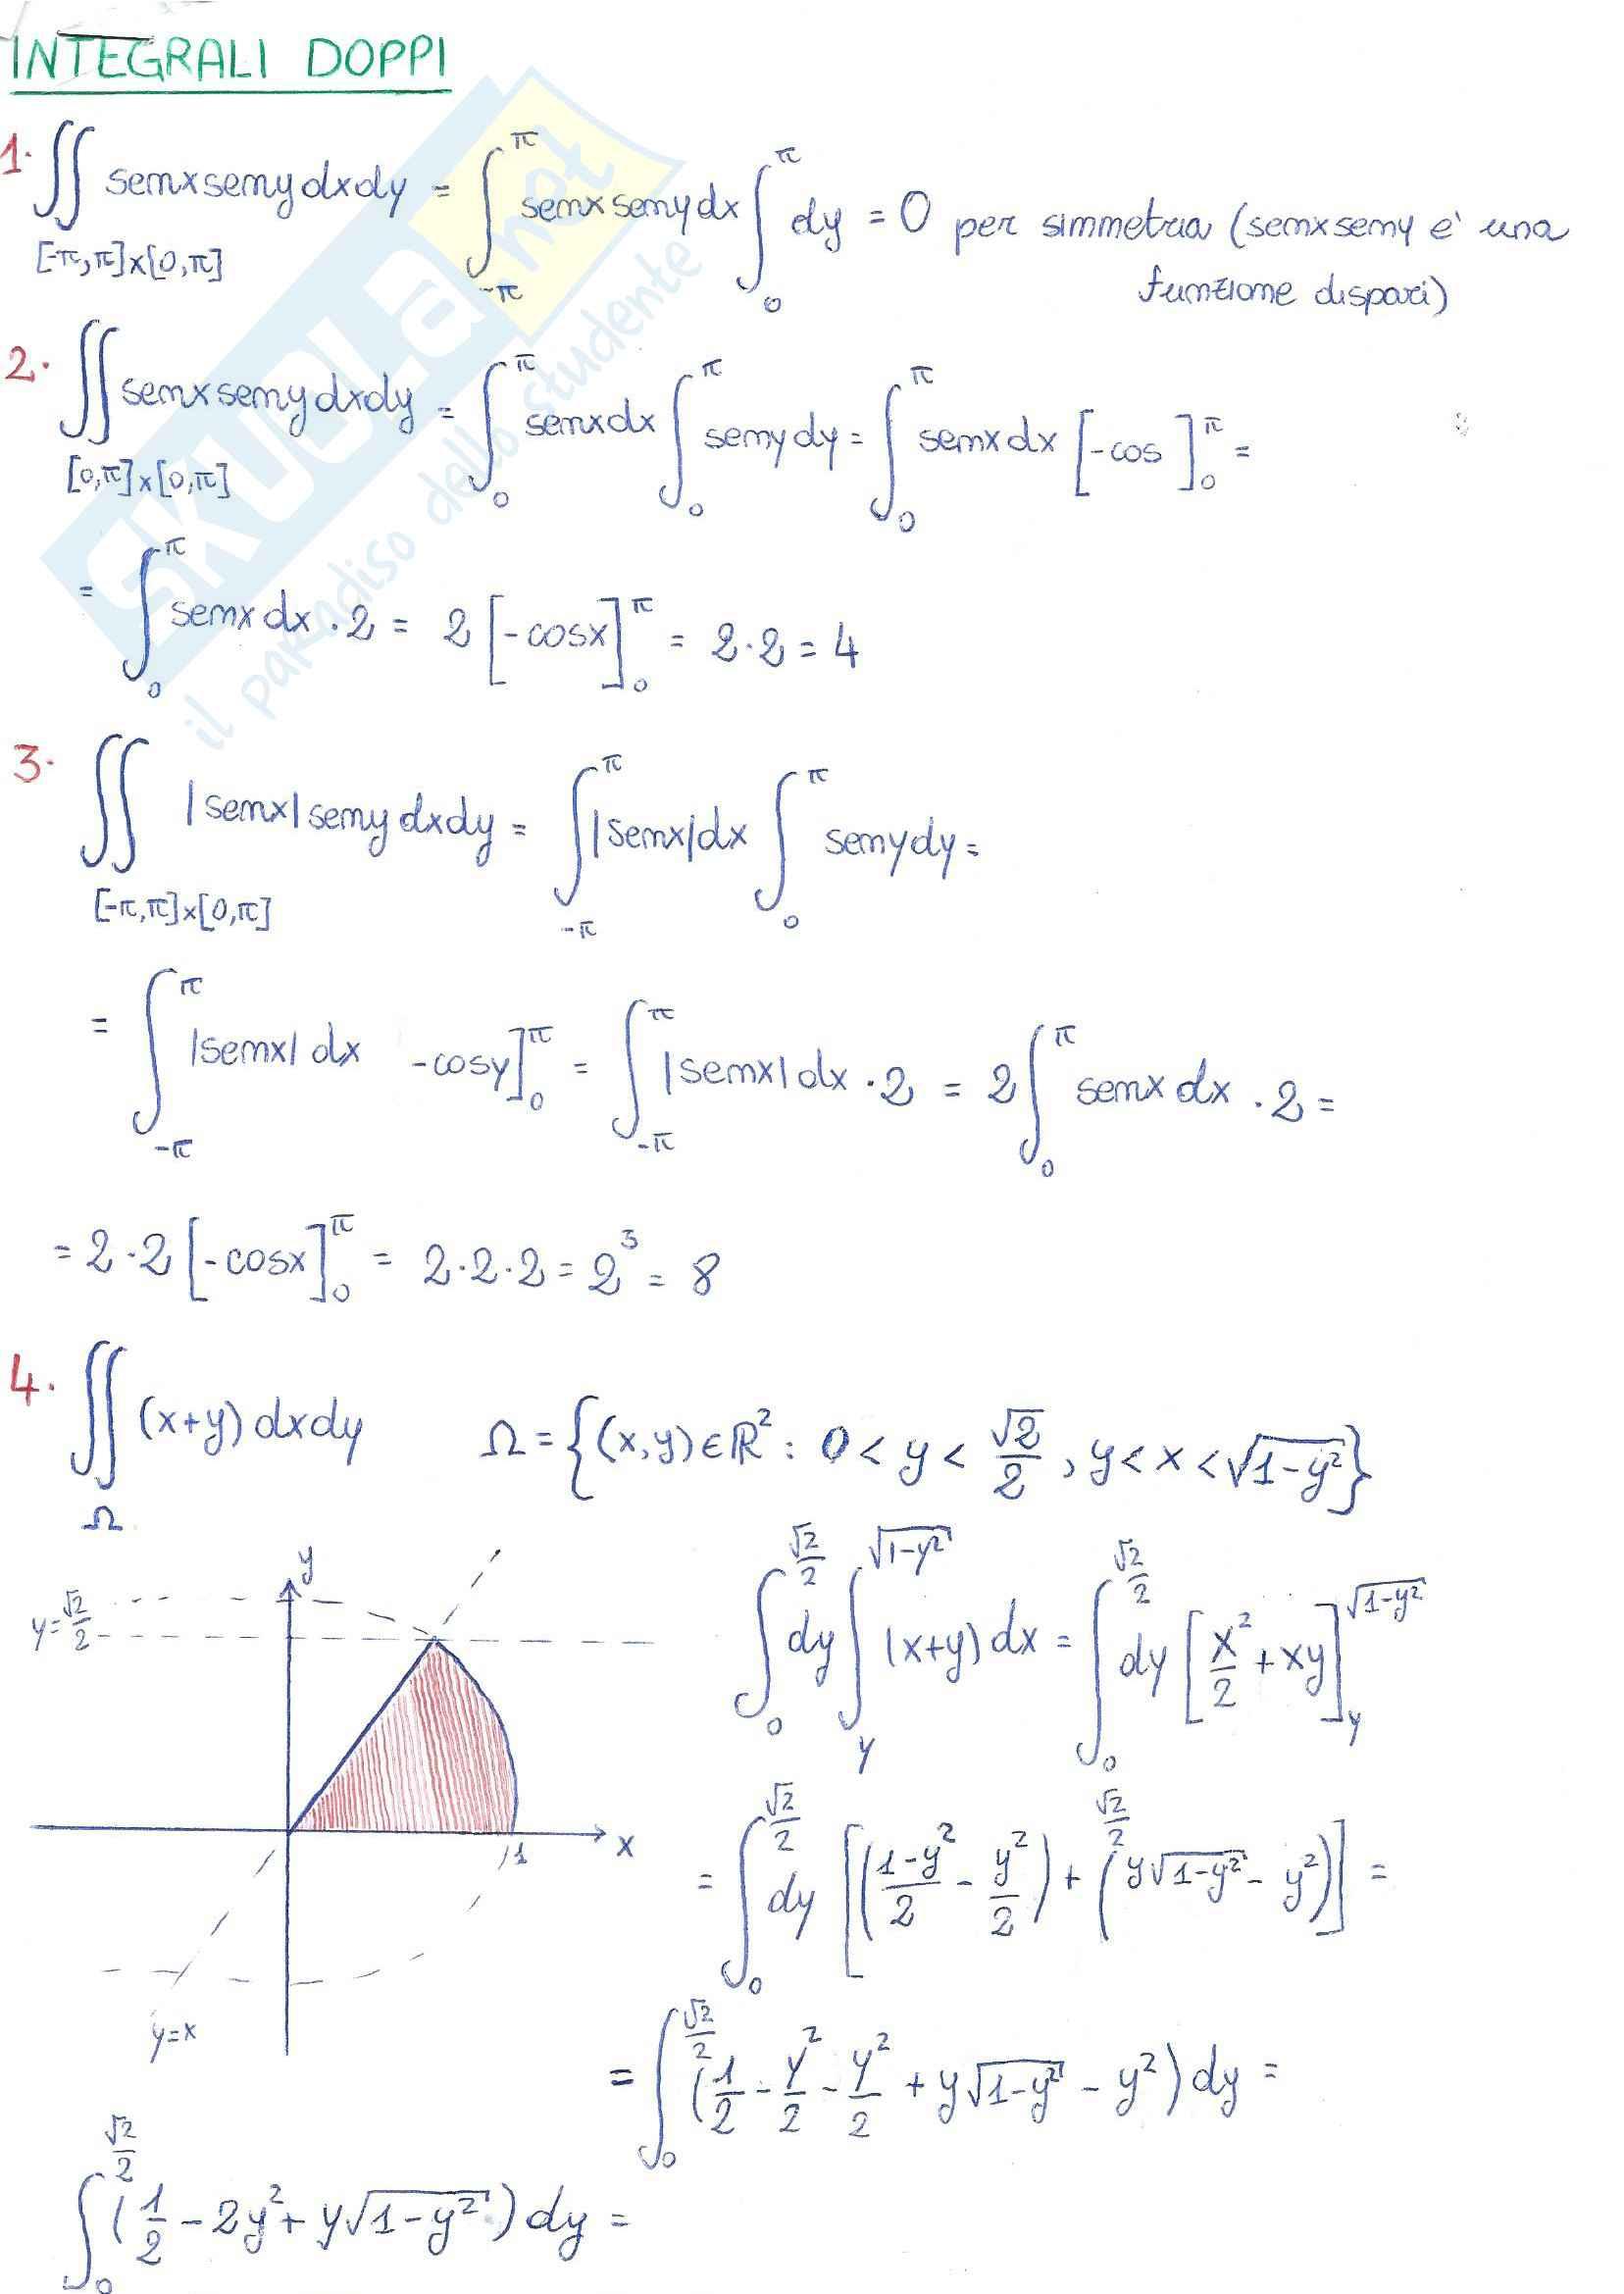 Integrali doppi e tripli - analisi